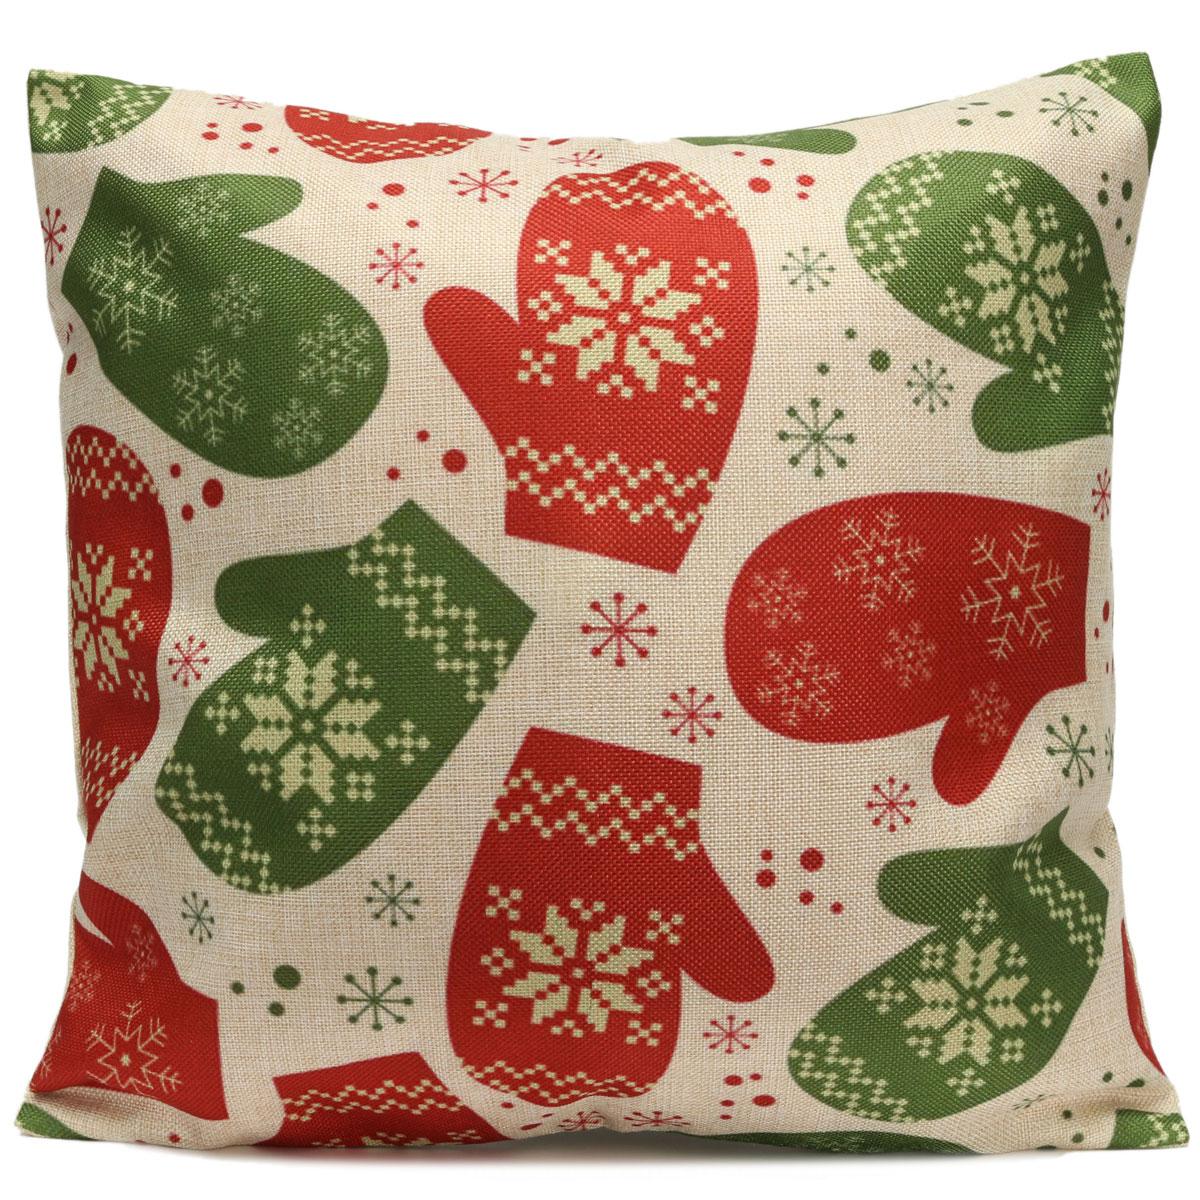 Cotton Linen Vintage Pillow Case Cushion Cover Throw Car Christmas Home Decor Lazada Malaysia